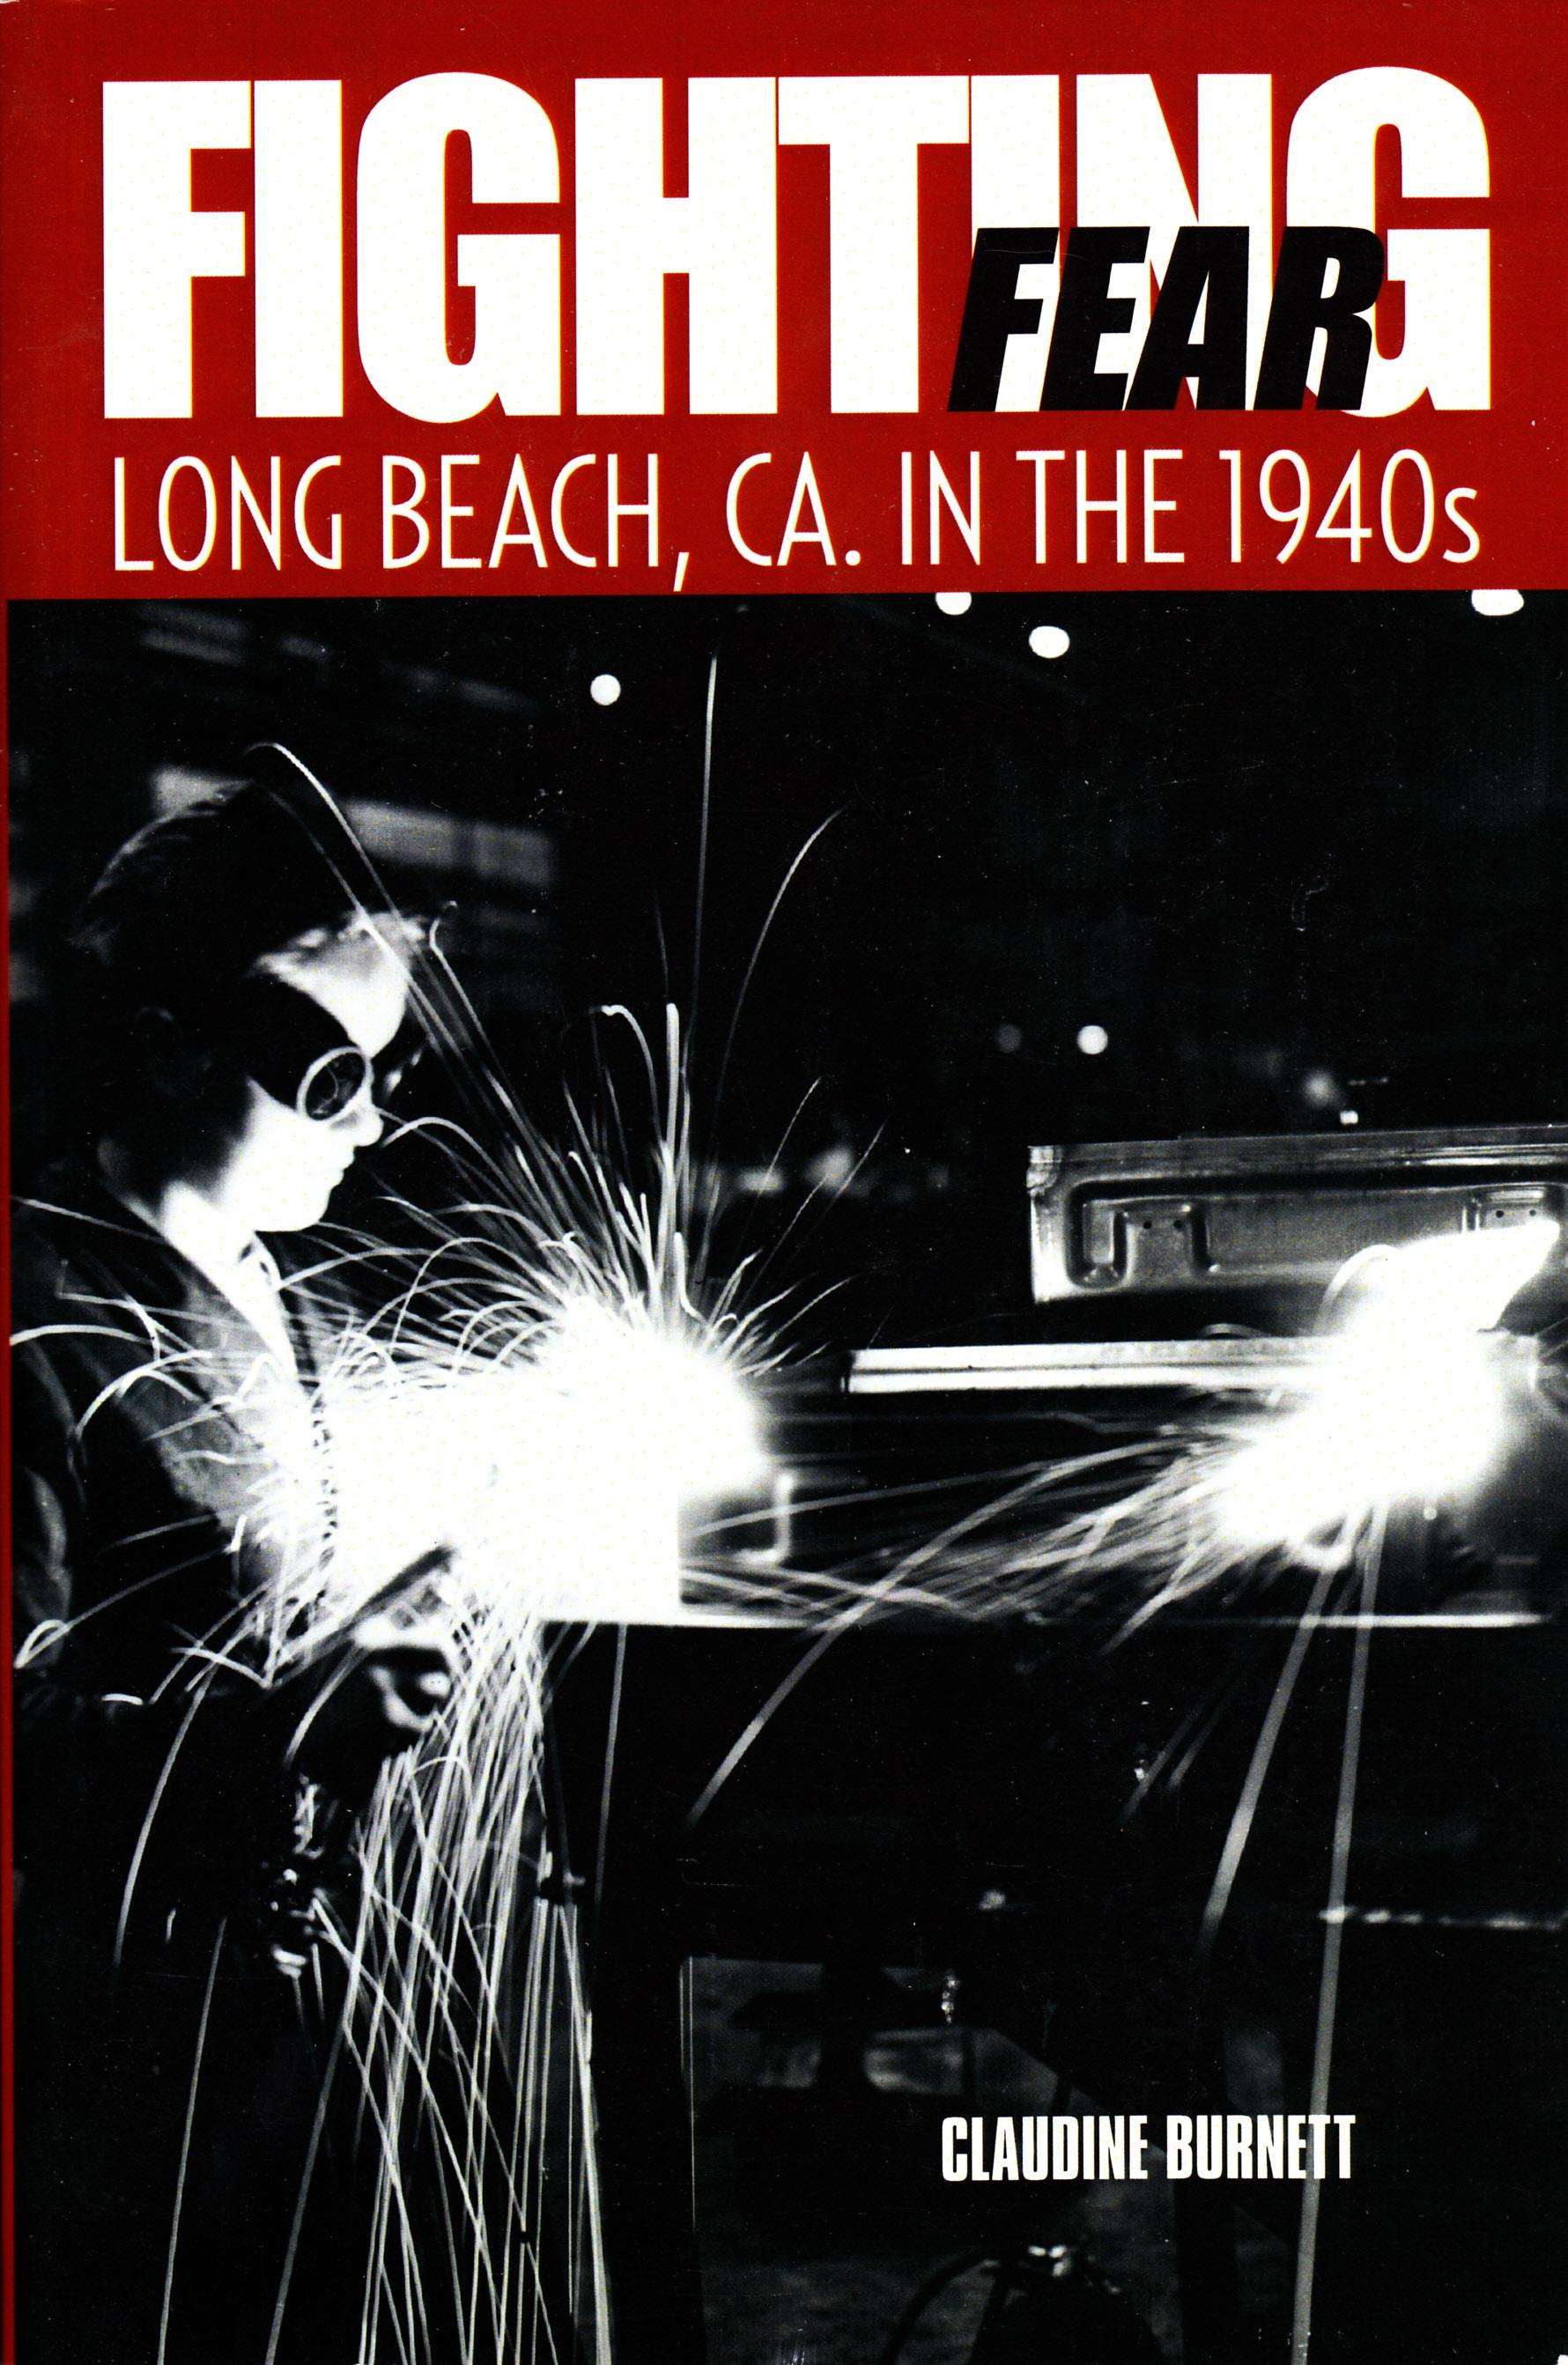 Fighting Fear in long beach Ca, in the 1940s